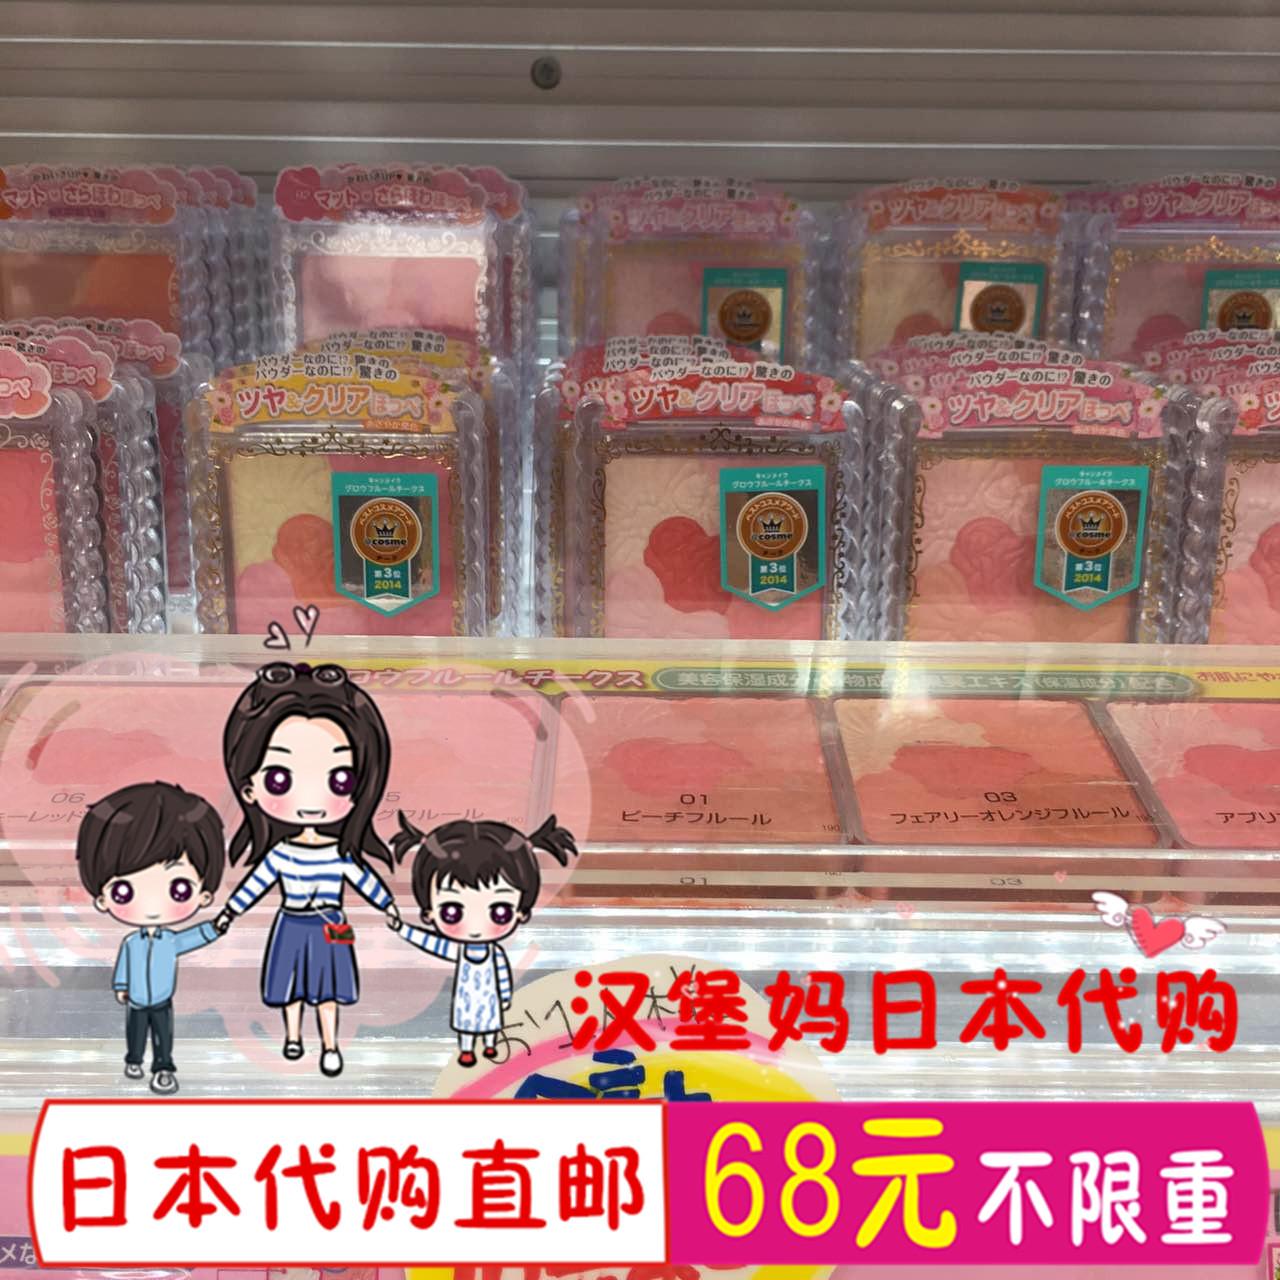 日本代购直邮 CANMAKE井田花瓣雕刻五色腮红 哑光/珠光 多色选